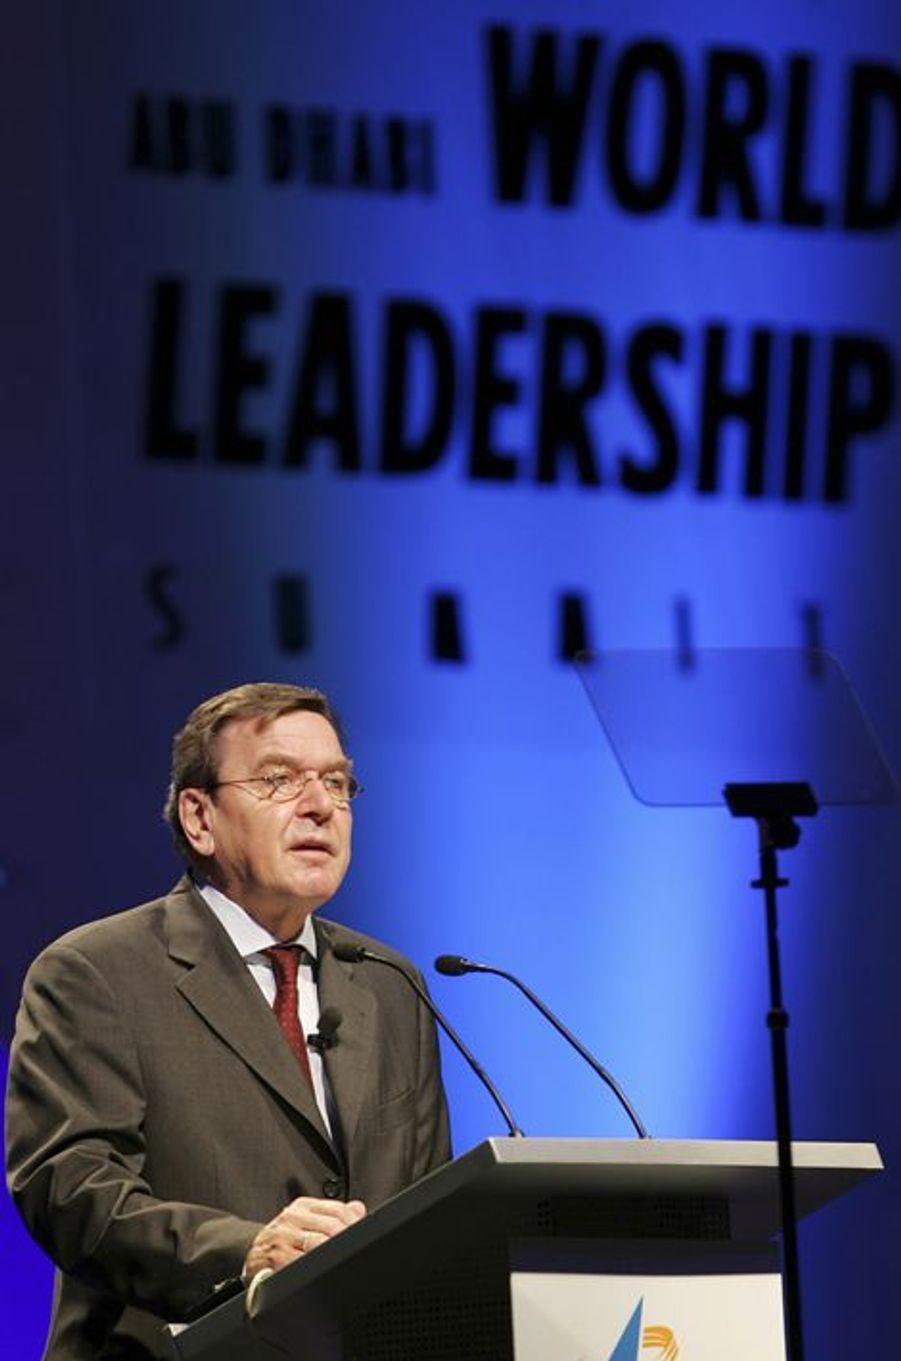 Gerhard Schroder facture entre 150.000 et 200.000 euros par conférence